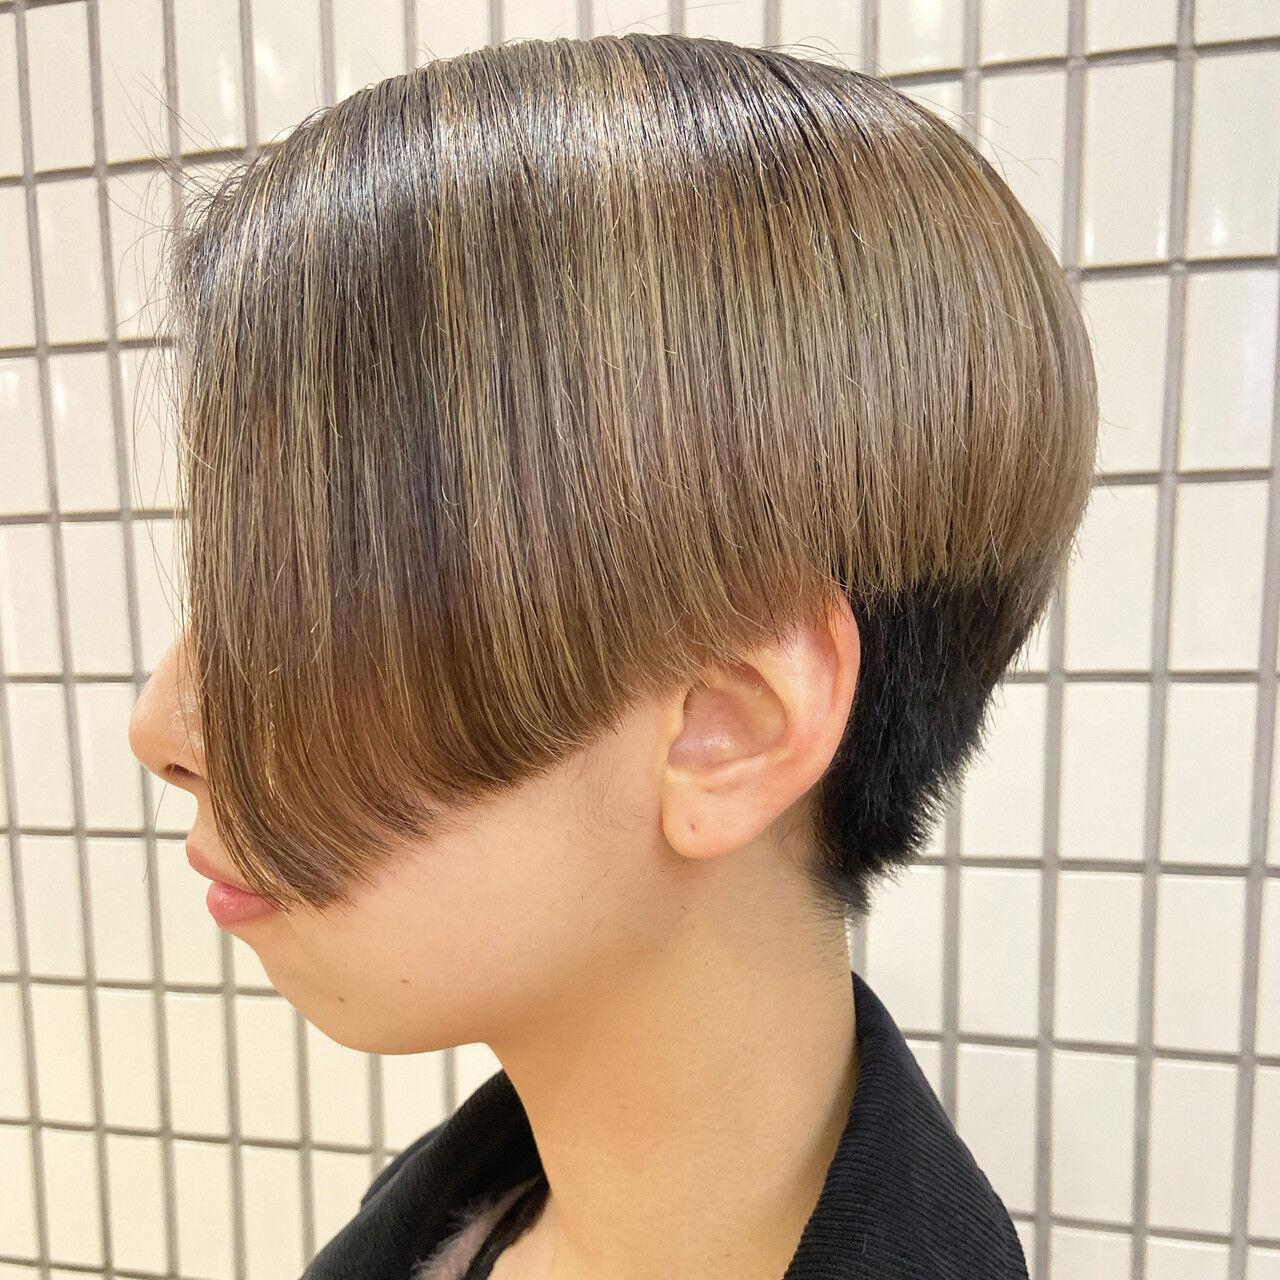 ブリーチオンカラー ナチュラル ショート ブリーチヘアスタイルや髪型の写真・画像